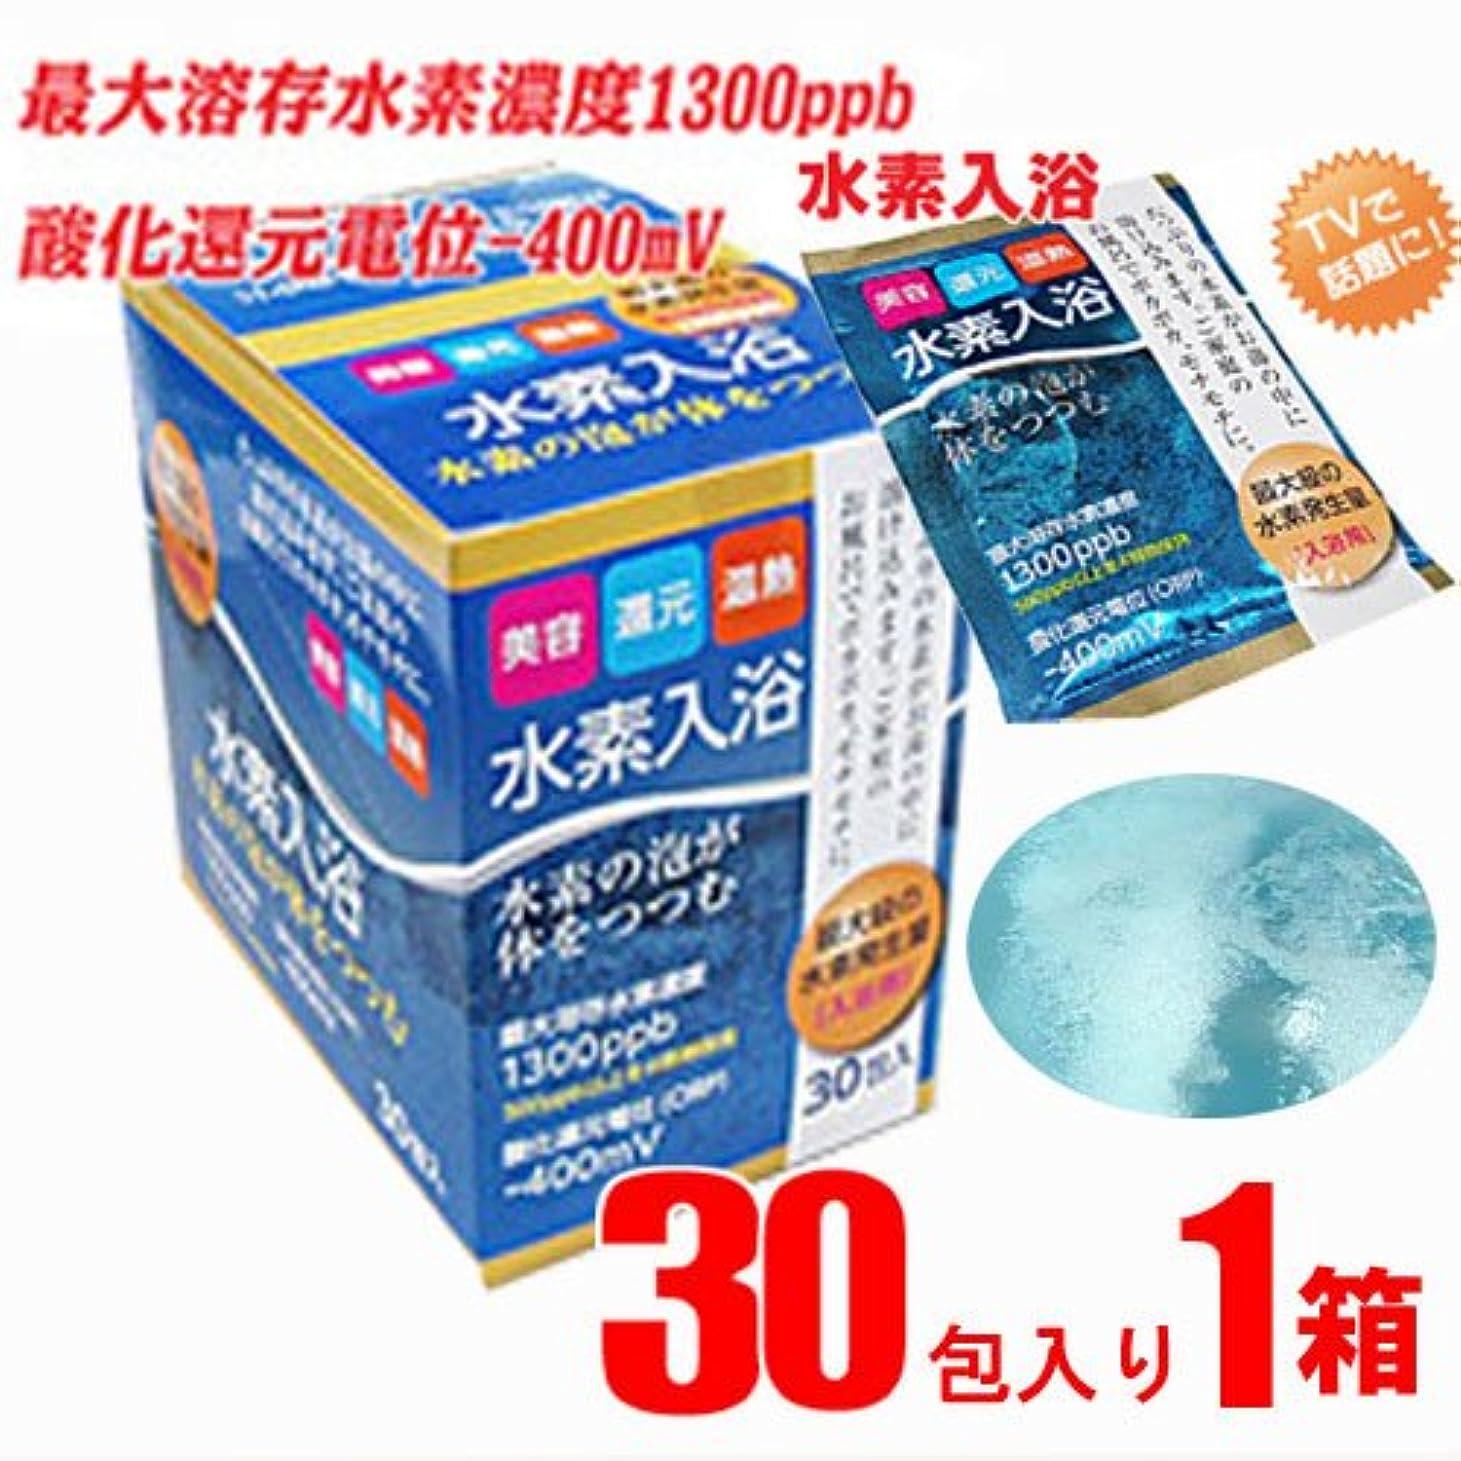 アリパラメータウェイド【30包】水素入浴 35gx30包 (4573360821029)